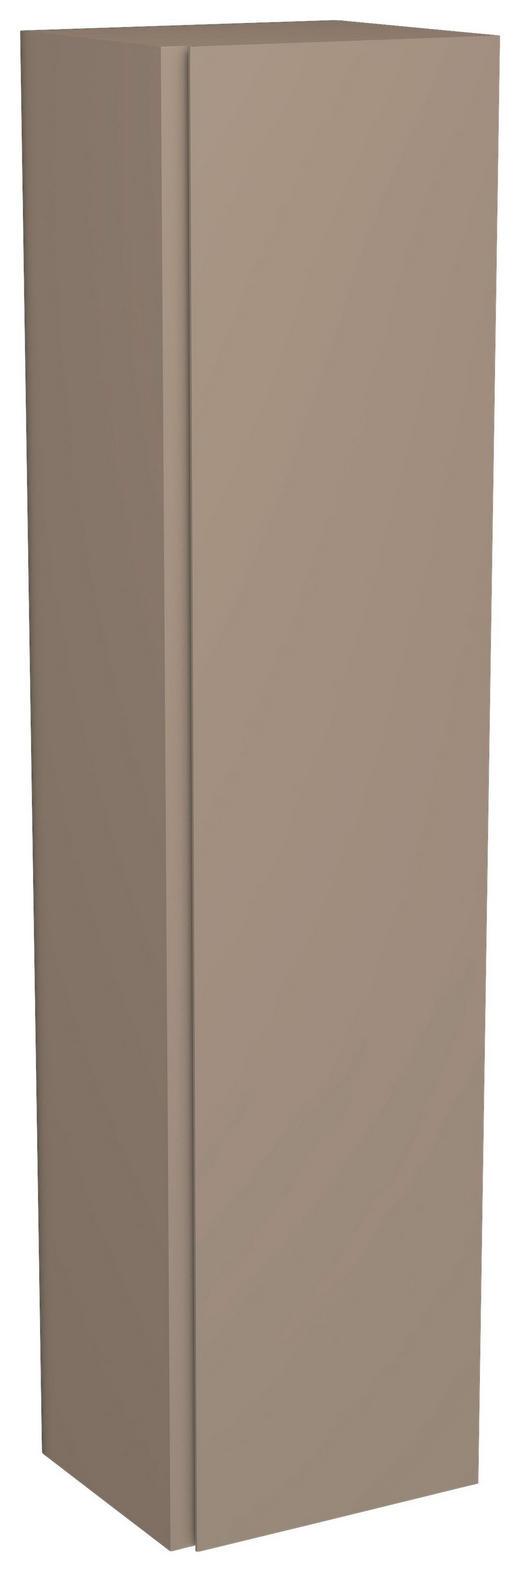 GARDEROBENSCHRANK - Taupe, Design, Holzwerkstoff (40/165/33cm) - Moderano